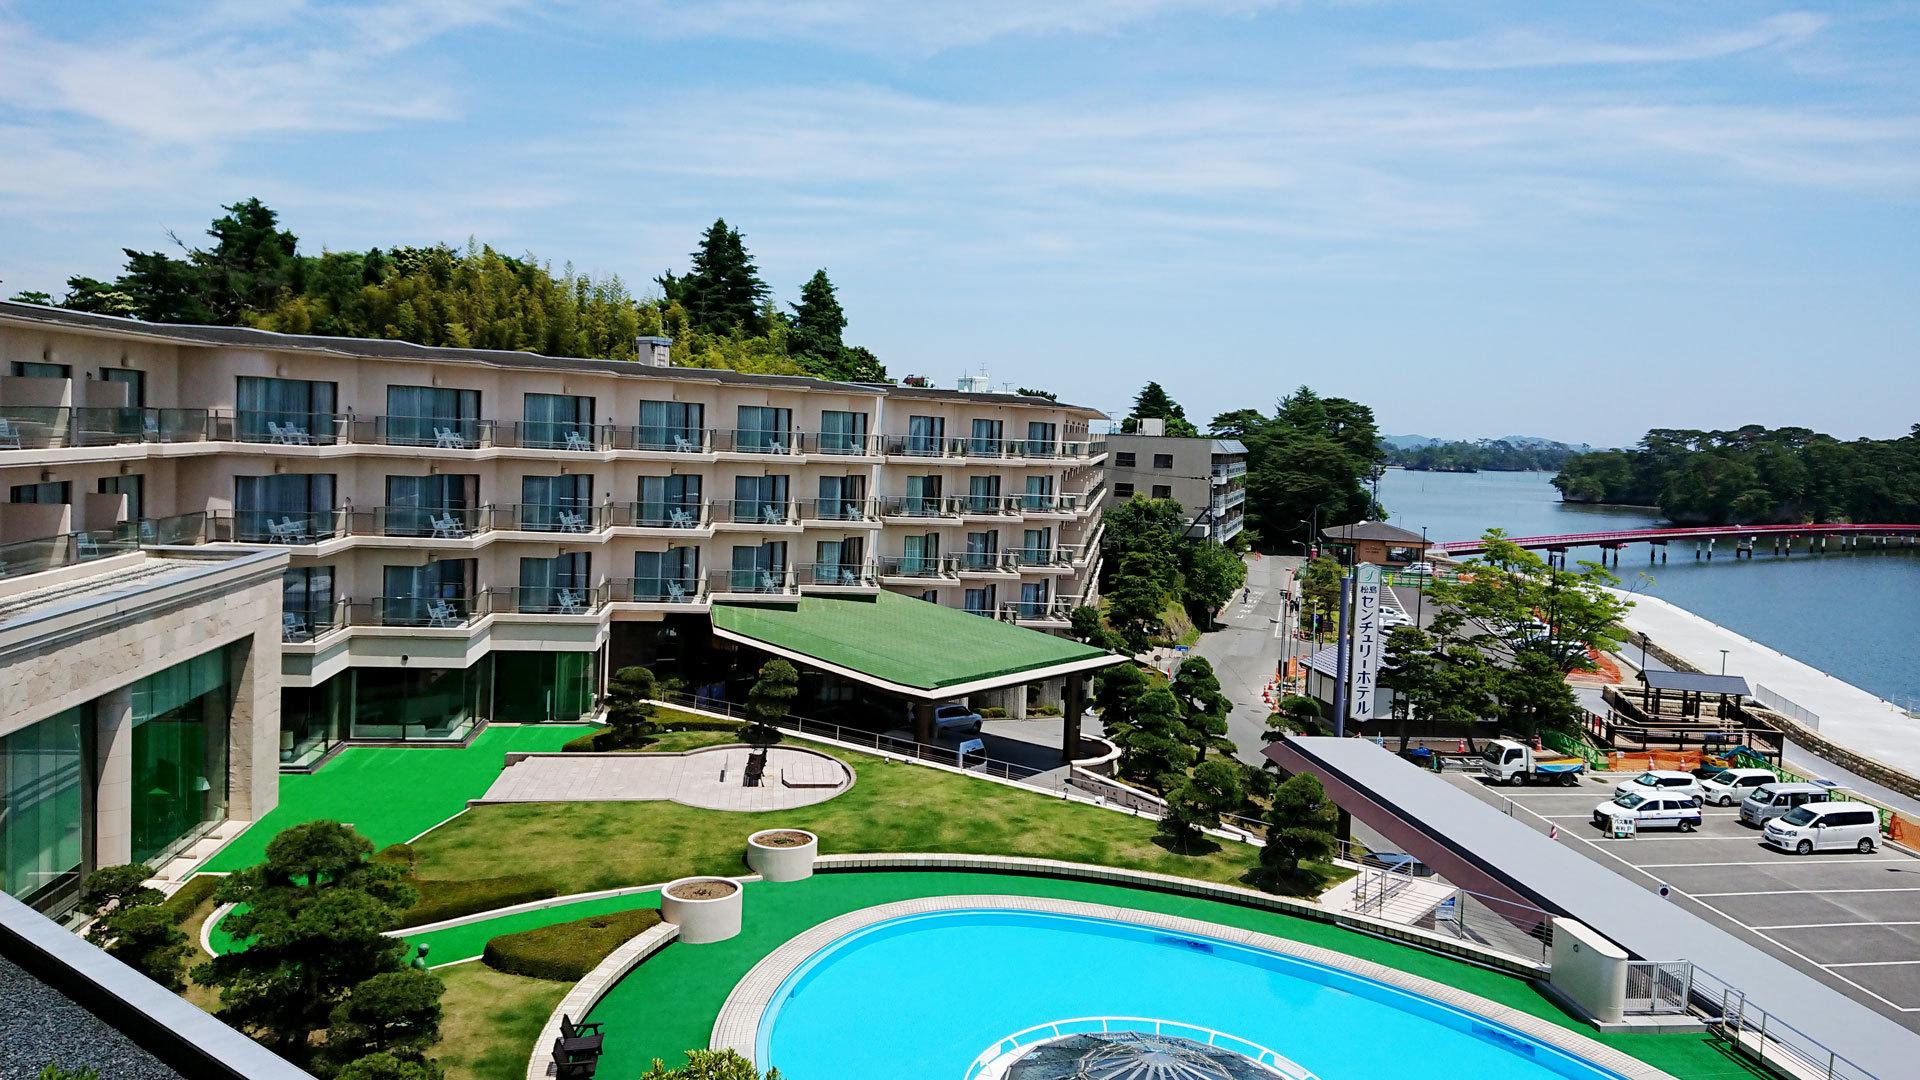 松島温泉 松島センチュリーホテル image